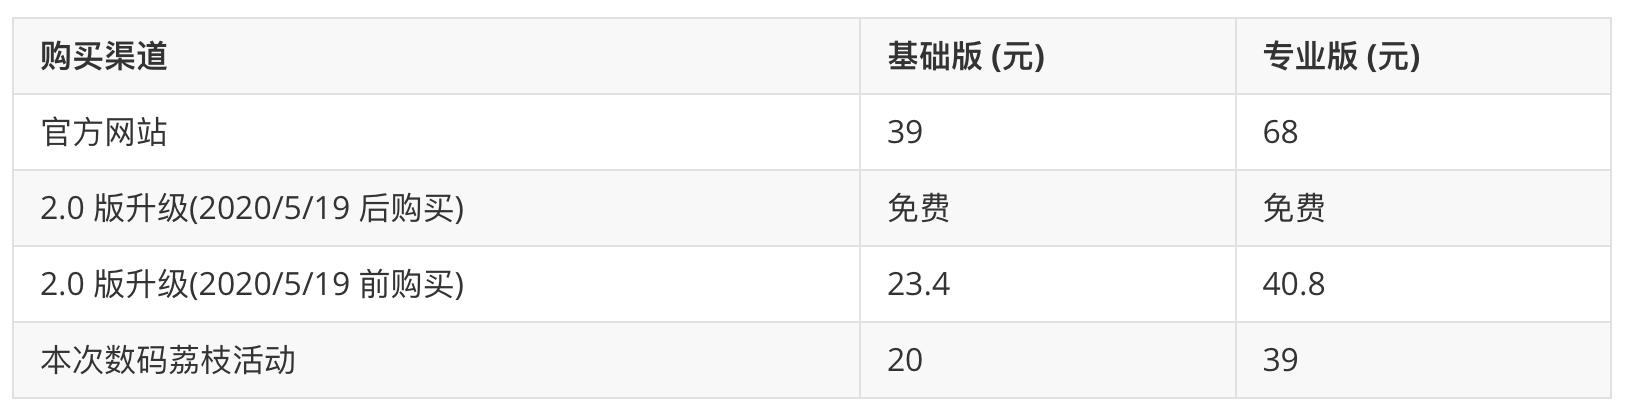 新版赤友 NTFS 助手来袭,速度优化仅需 20 元起!8月30日结束插图1